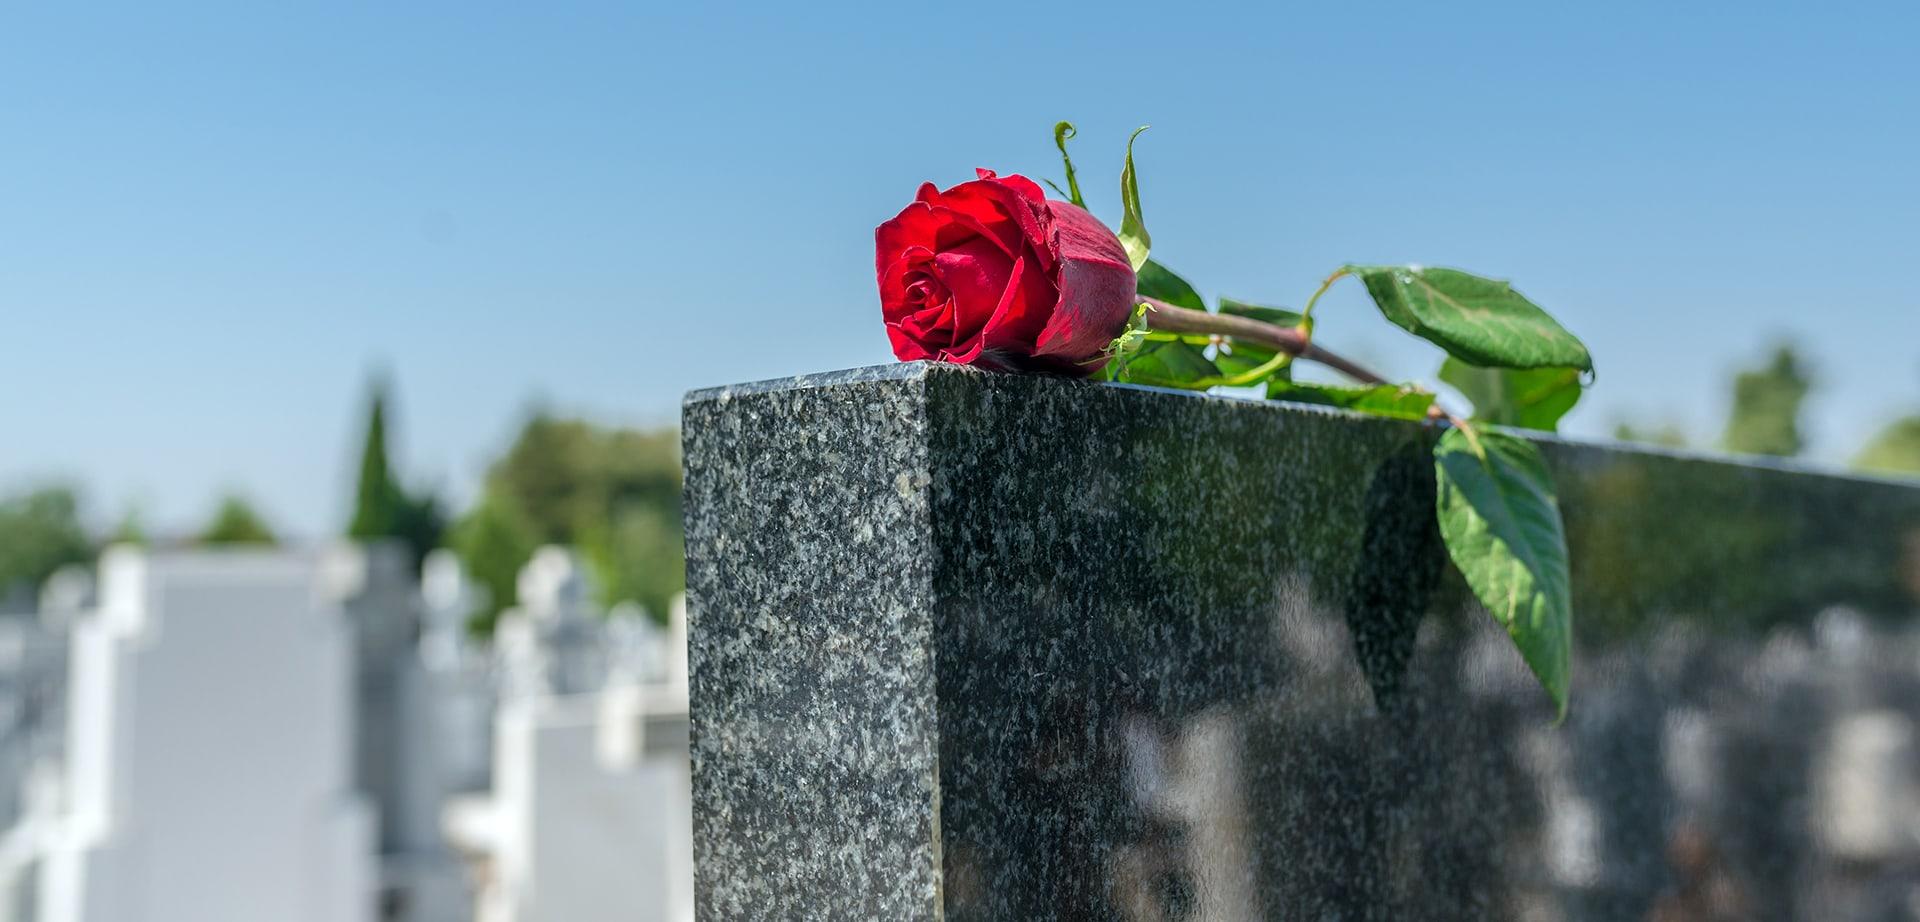 rote rose auf grauem grabstein